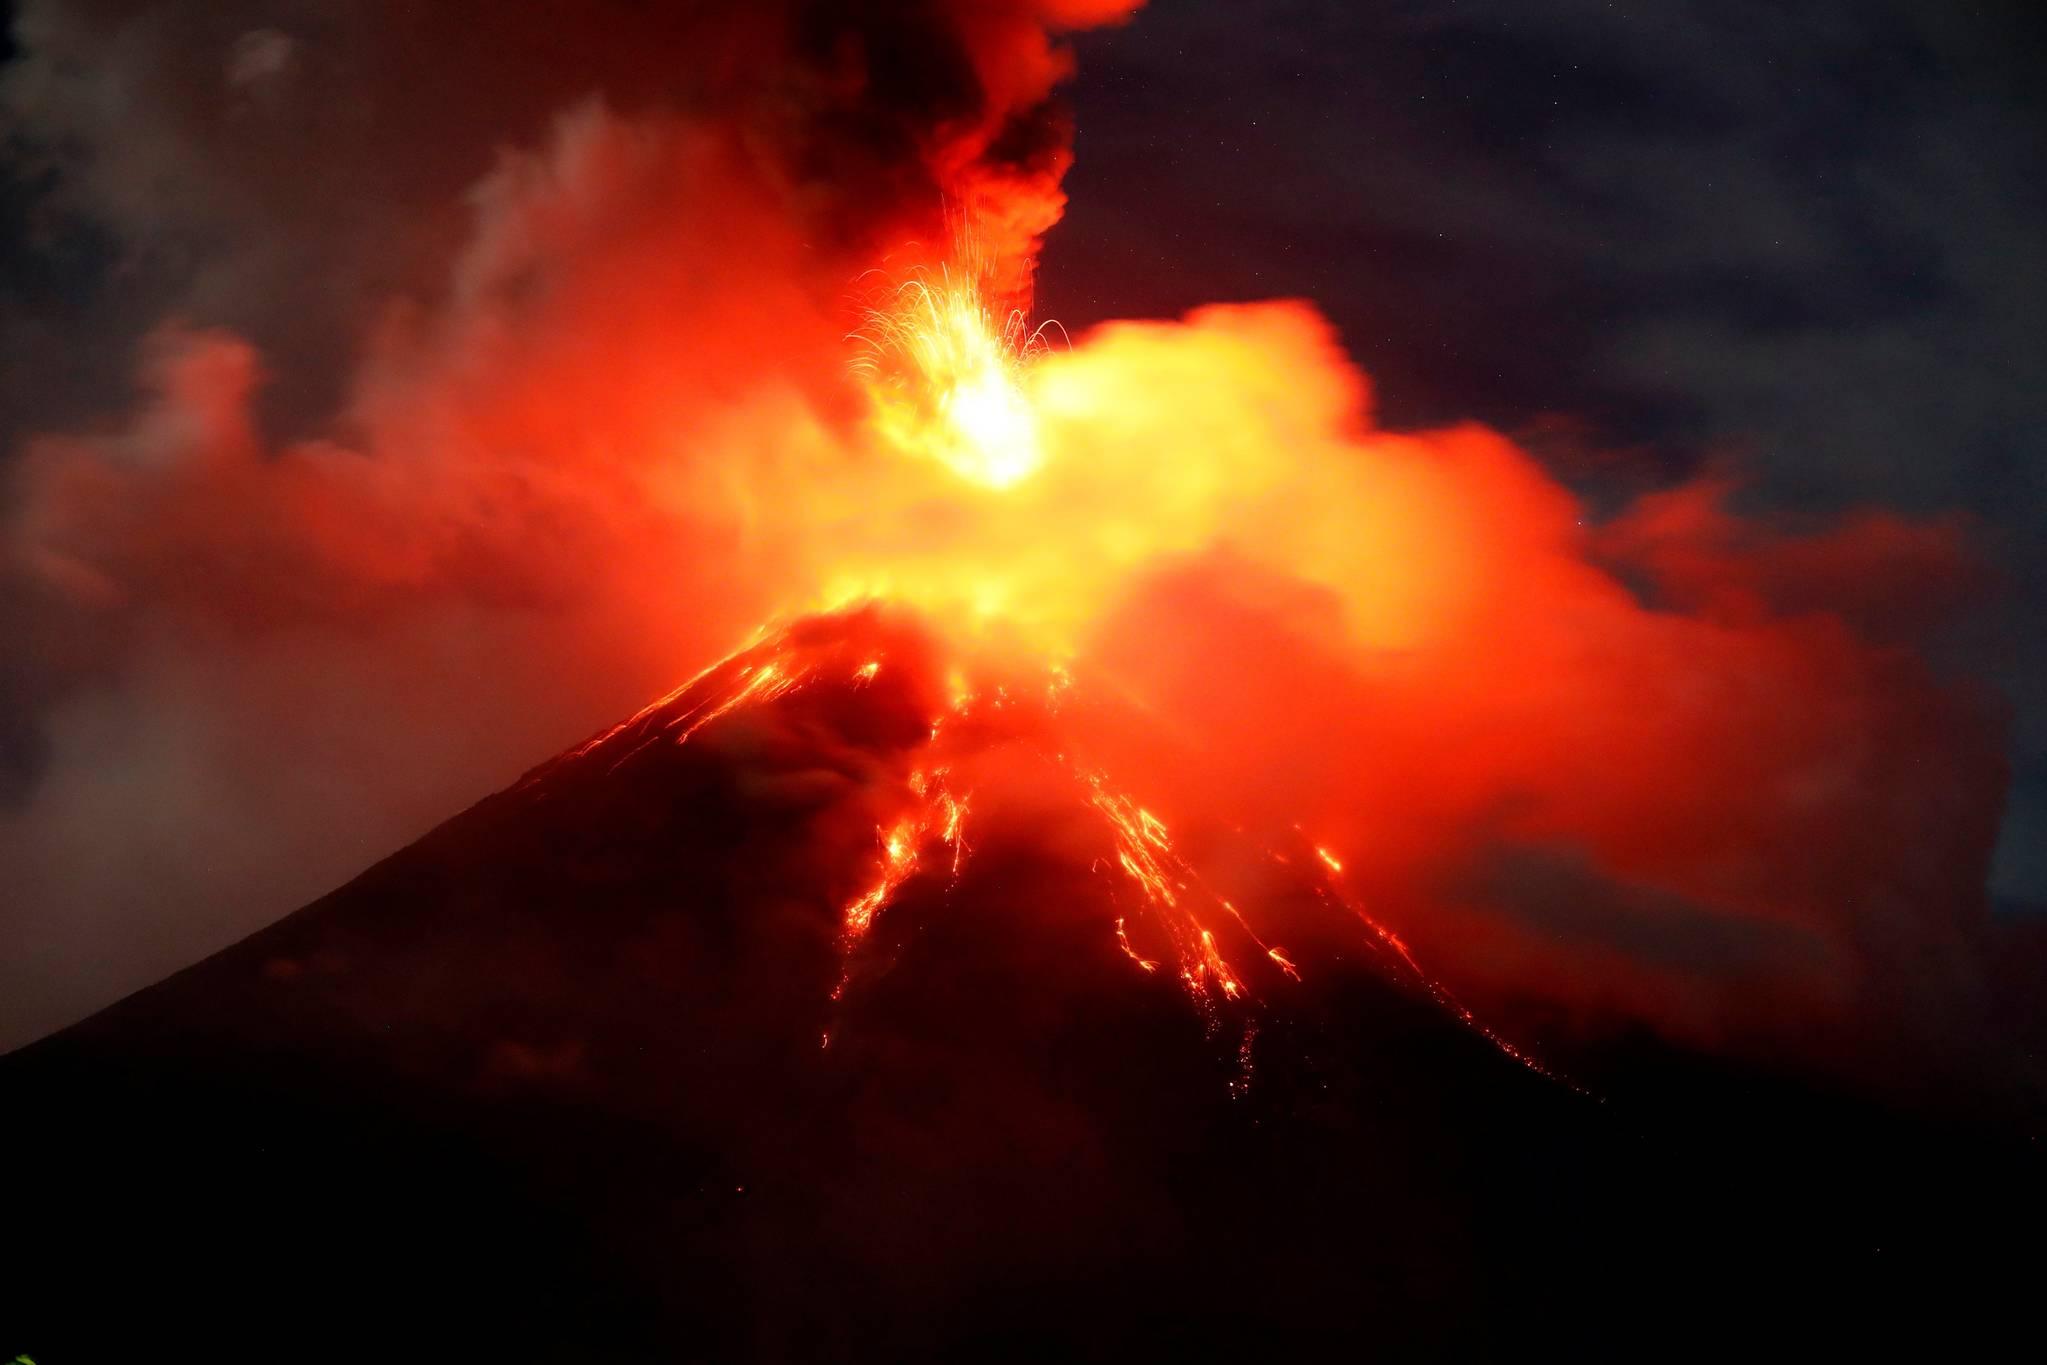 필리핀 동부지역에 위치한 마욘 화산이 지난 1월 분출하고 있는 모습. 이른바 '불의 고리'에 위치한 필리핀에는 23개의 활화산이 있다. [EPA=연합뉴스]